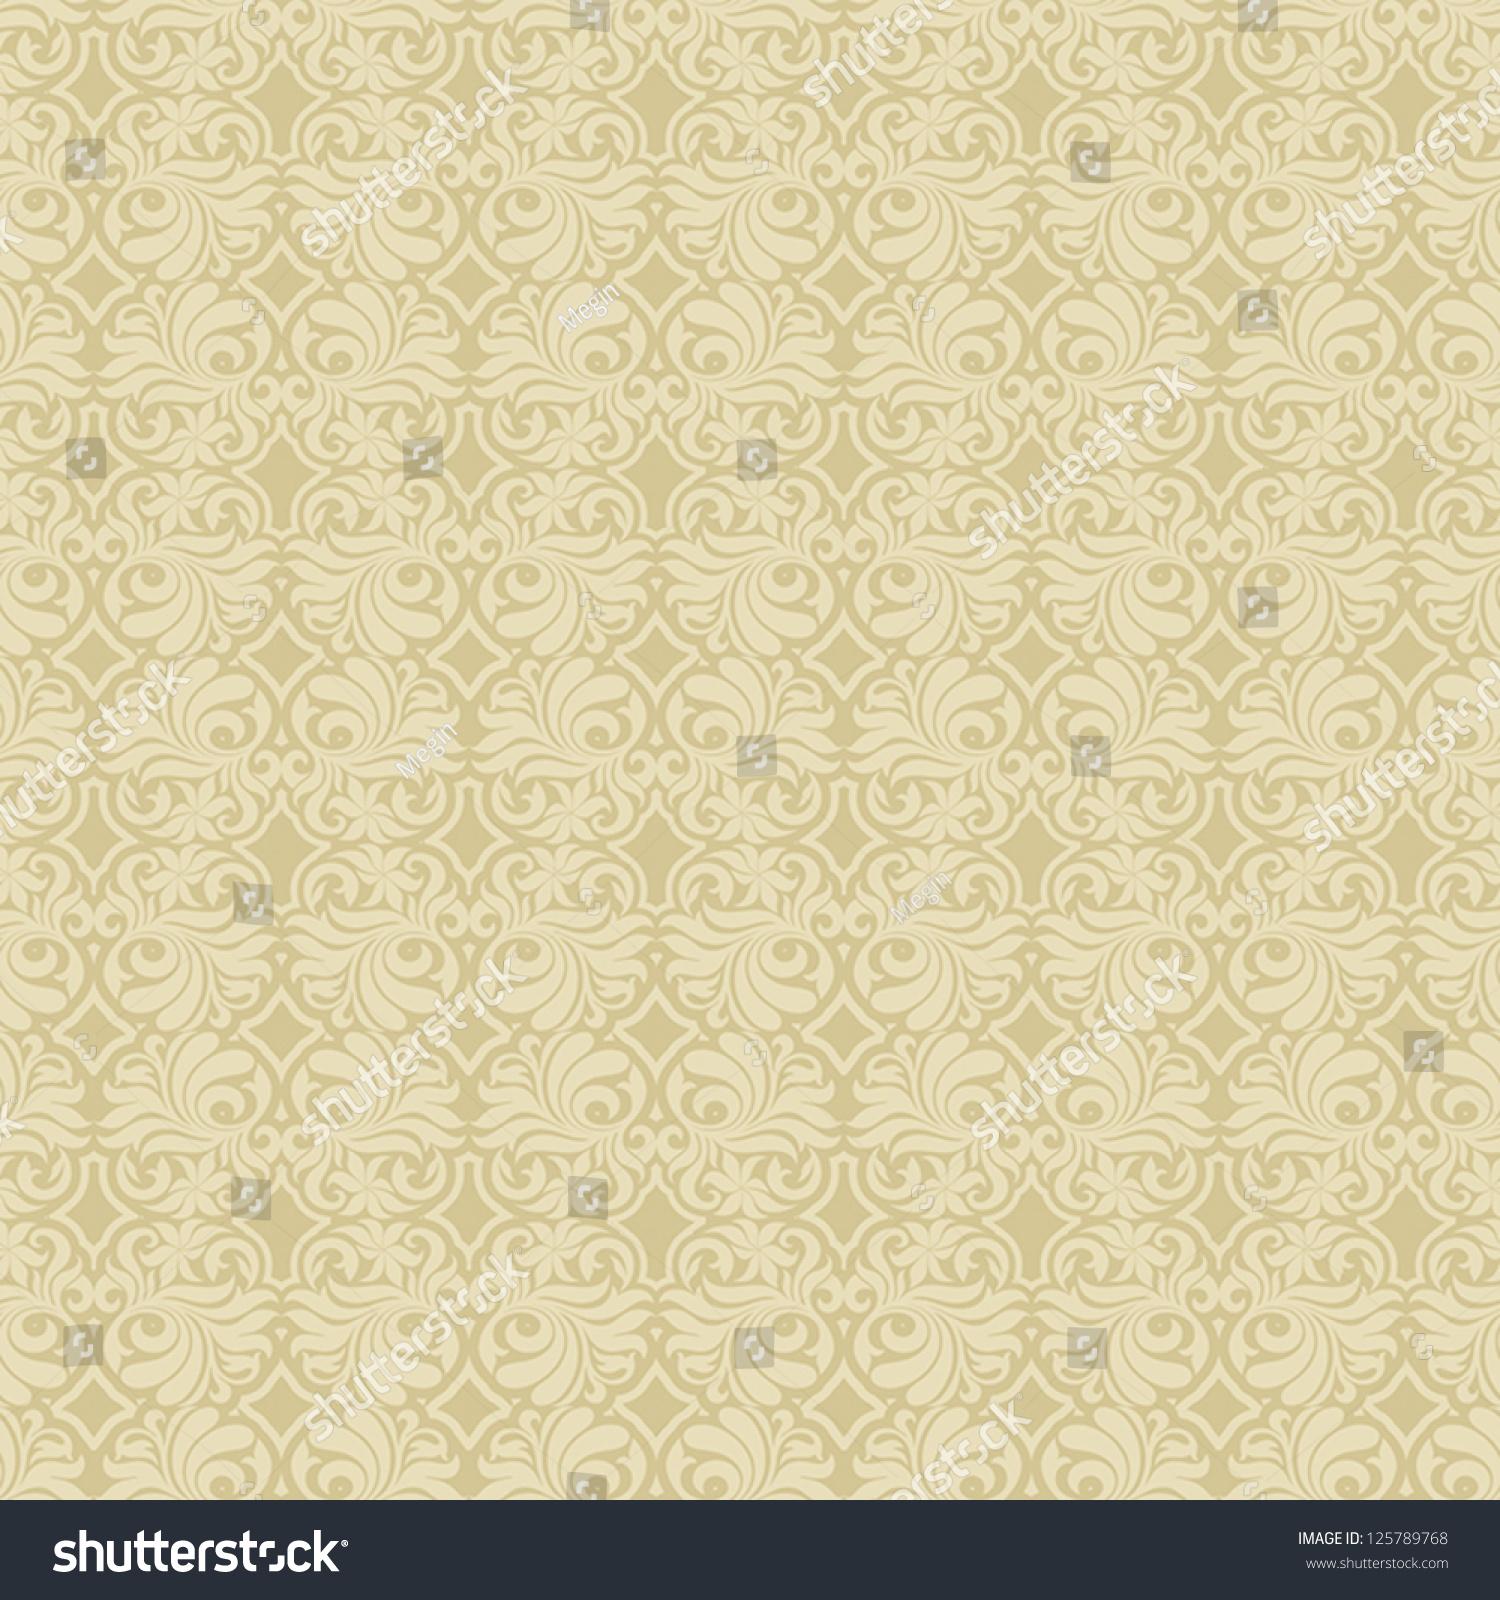 antique cream wallpaper - photo #22